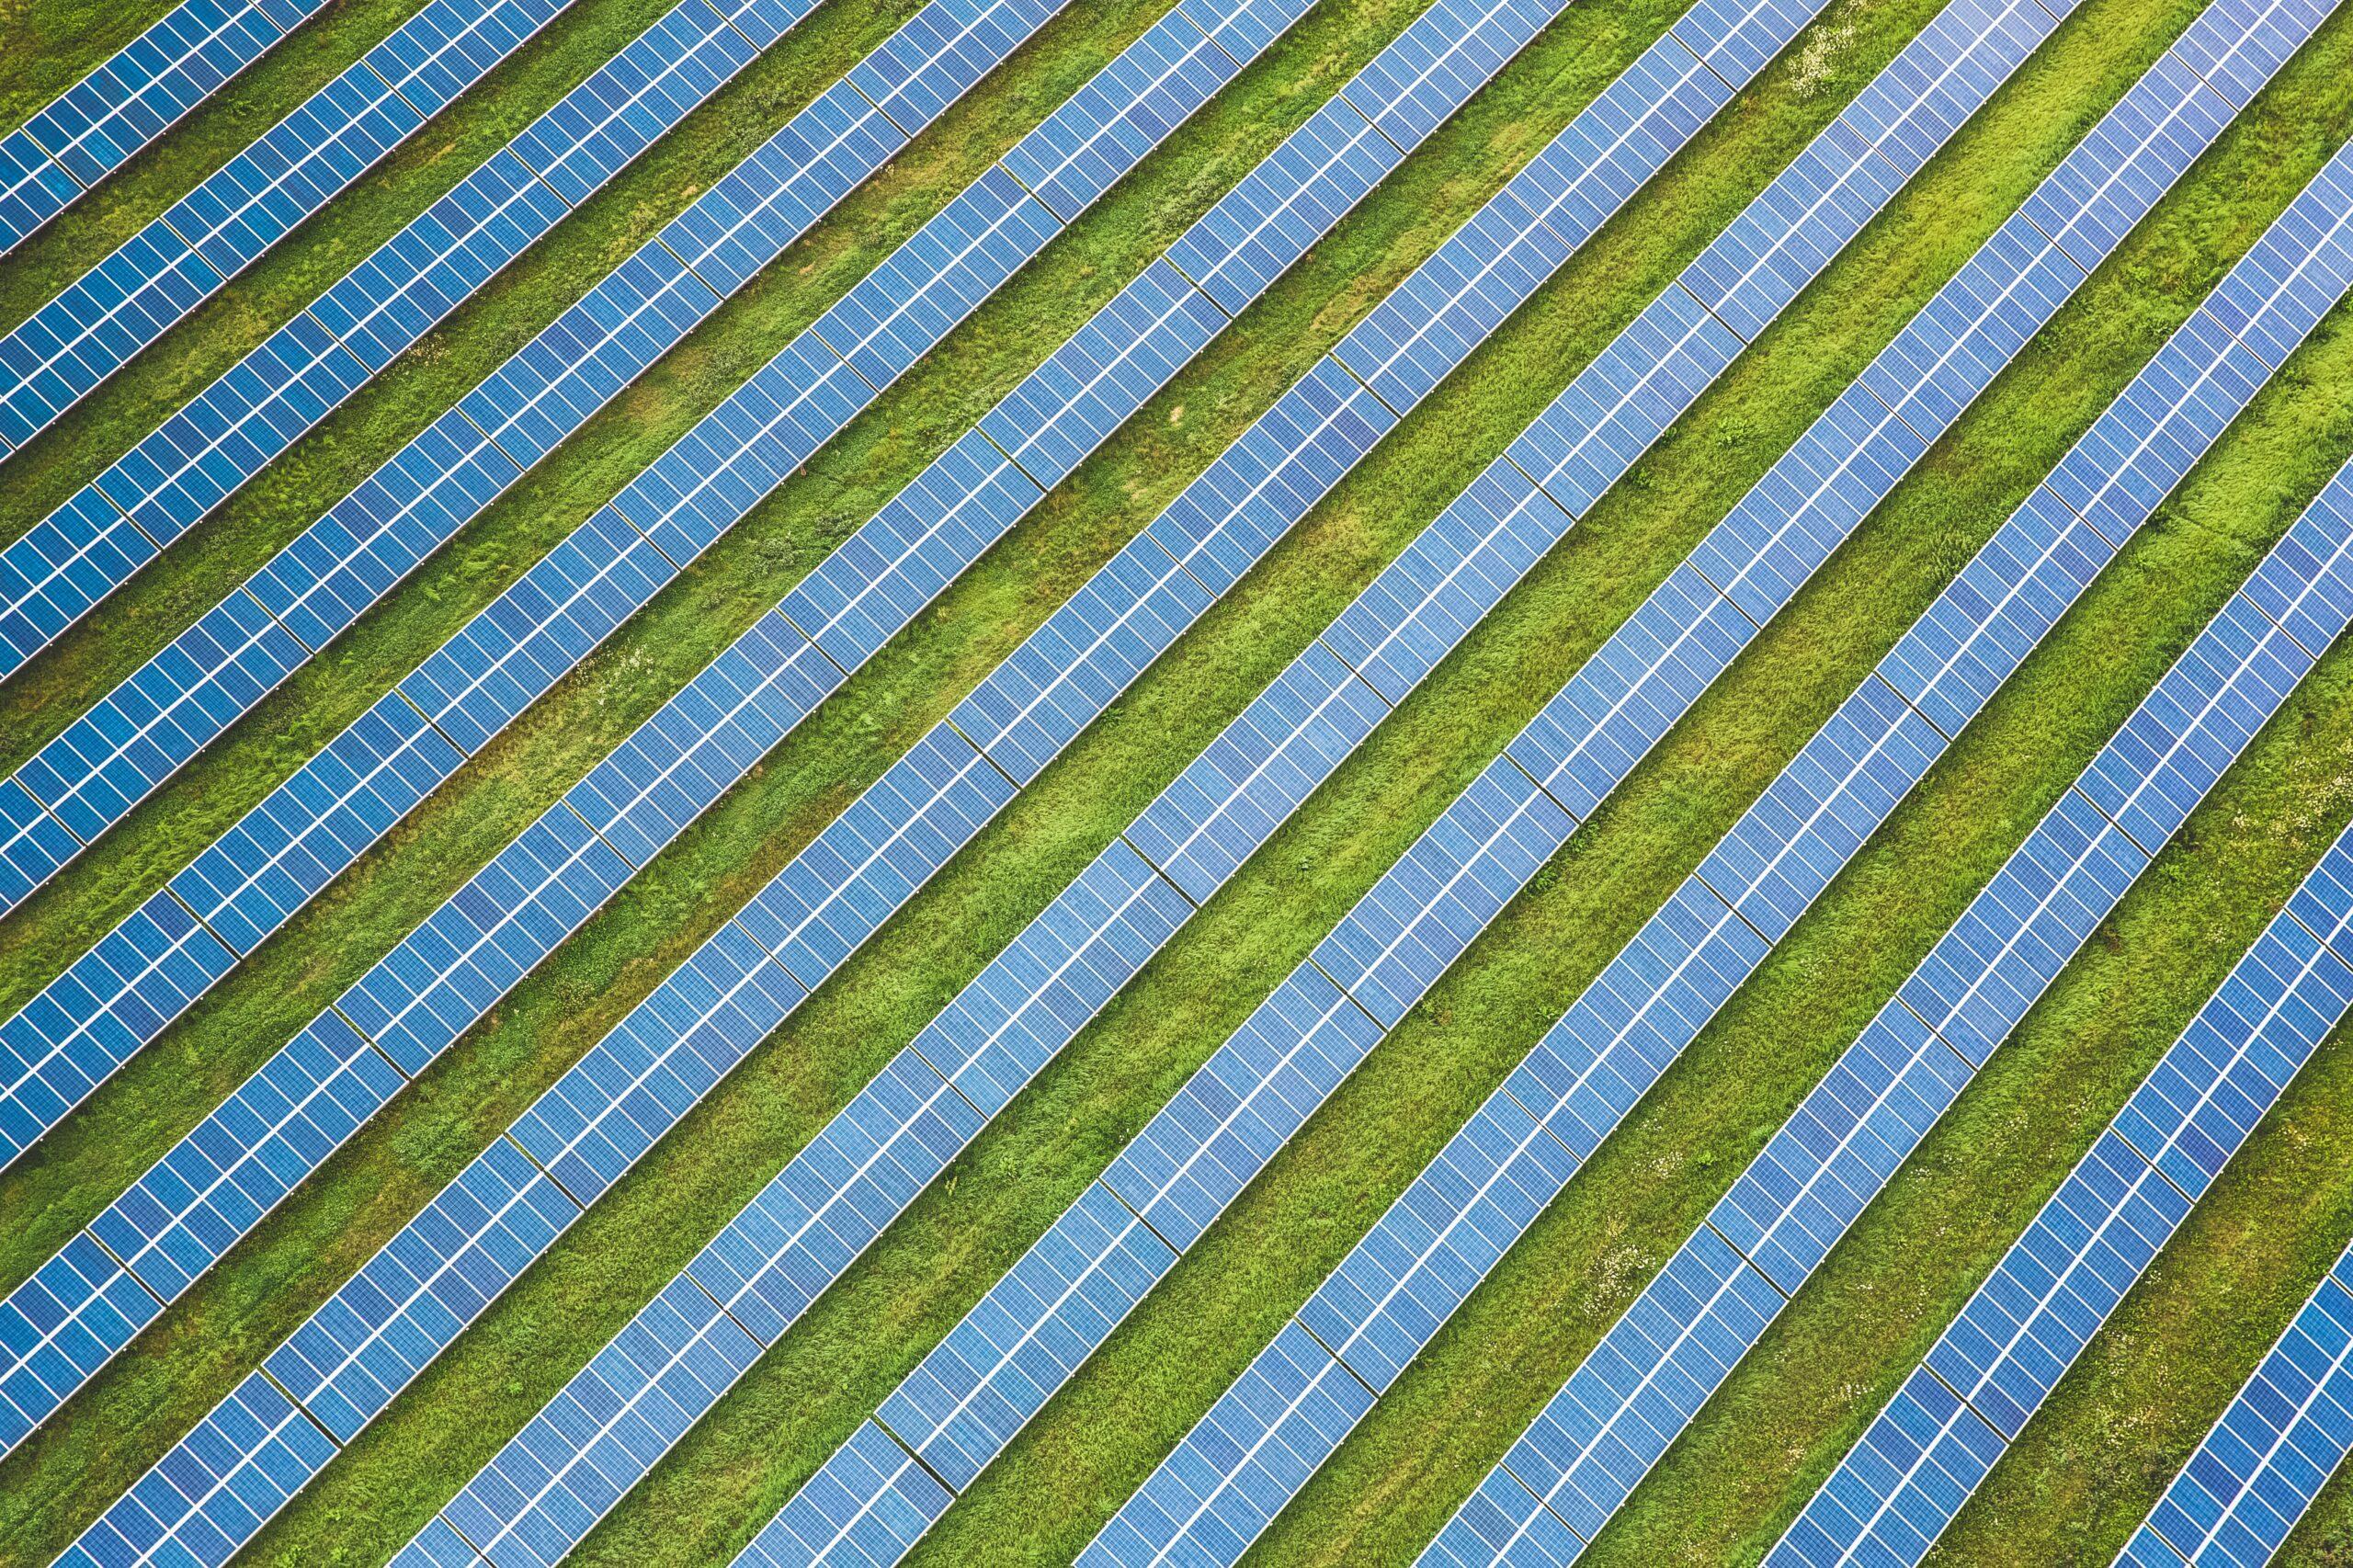 Kto wymyślił panele słoneczne?